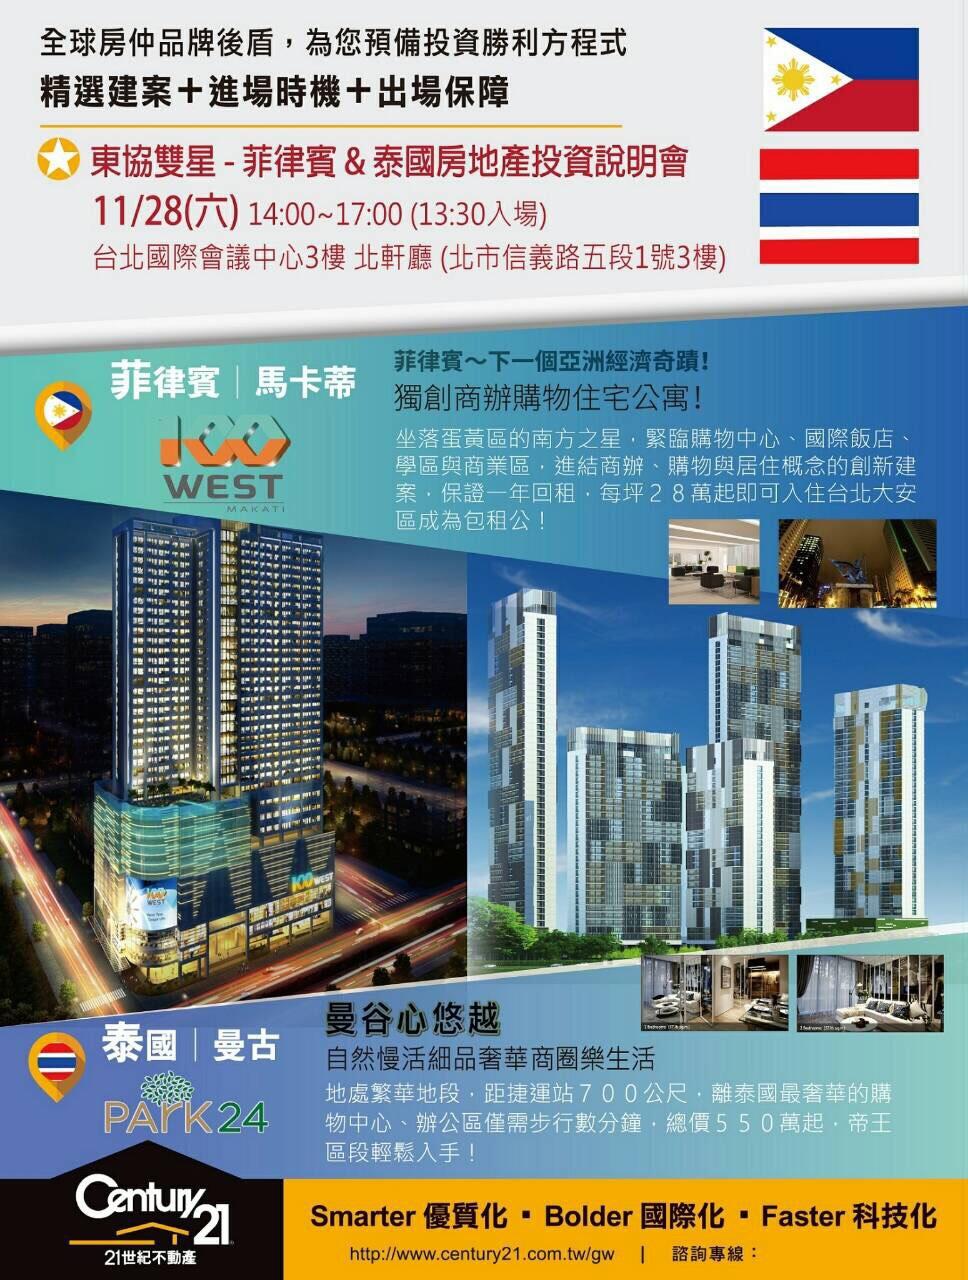 菲律賓&泰國房地產說明會(11/28) | godspeed的臺北&曼谷